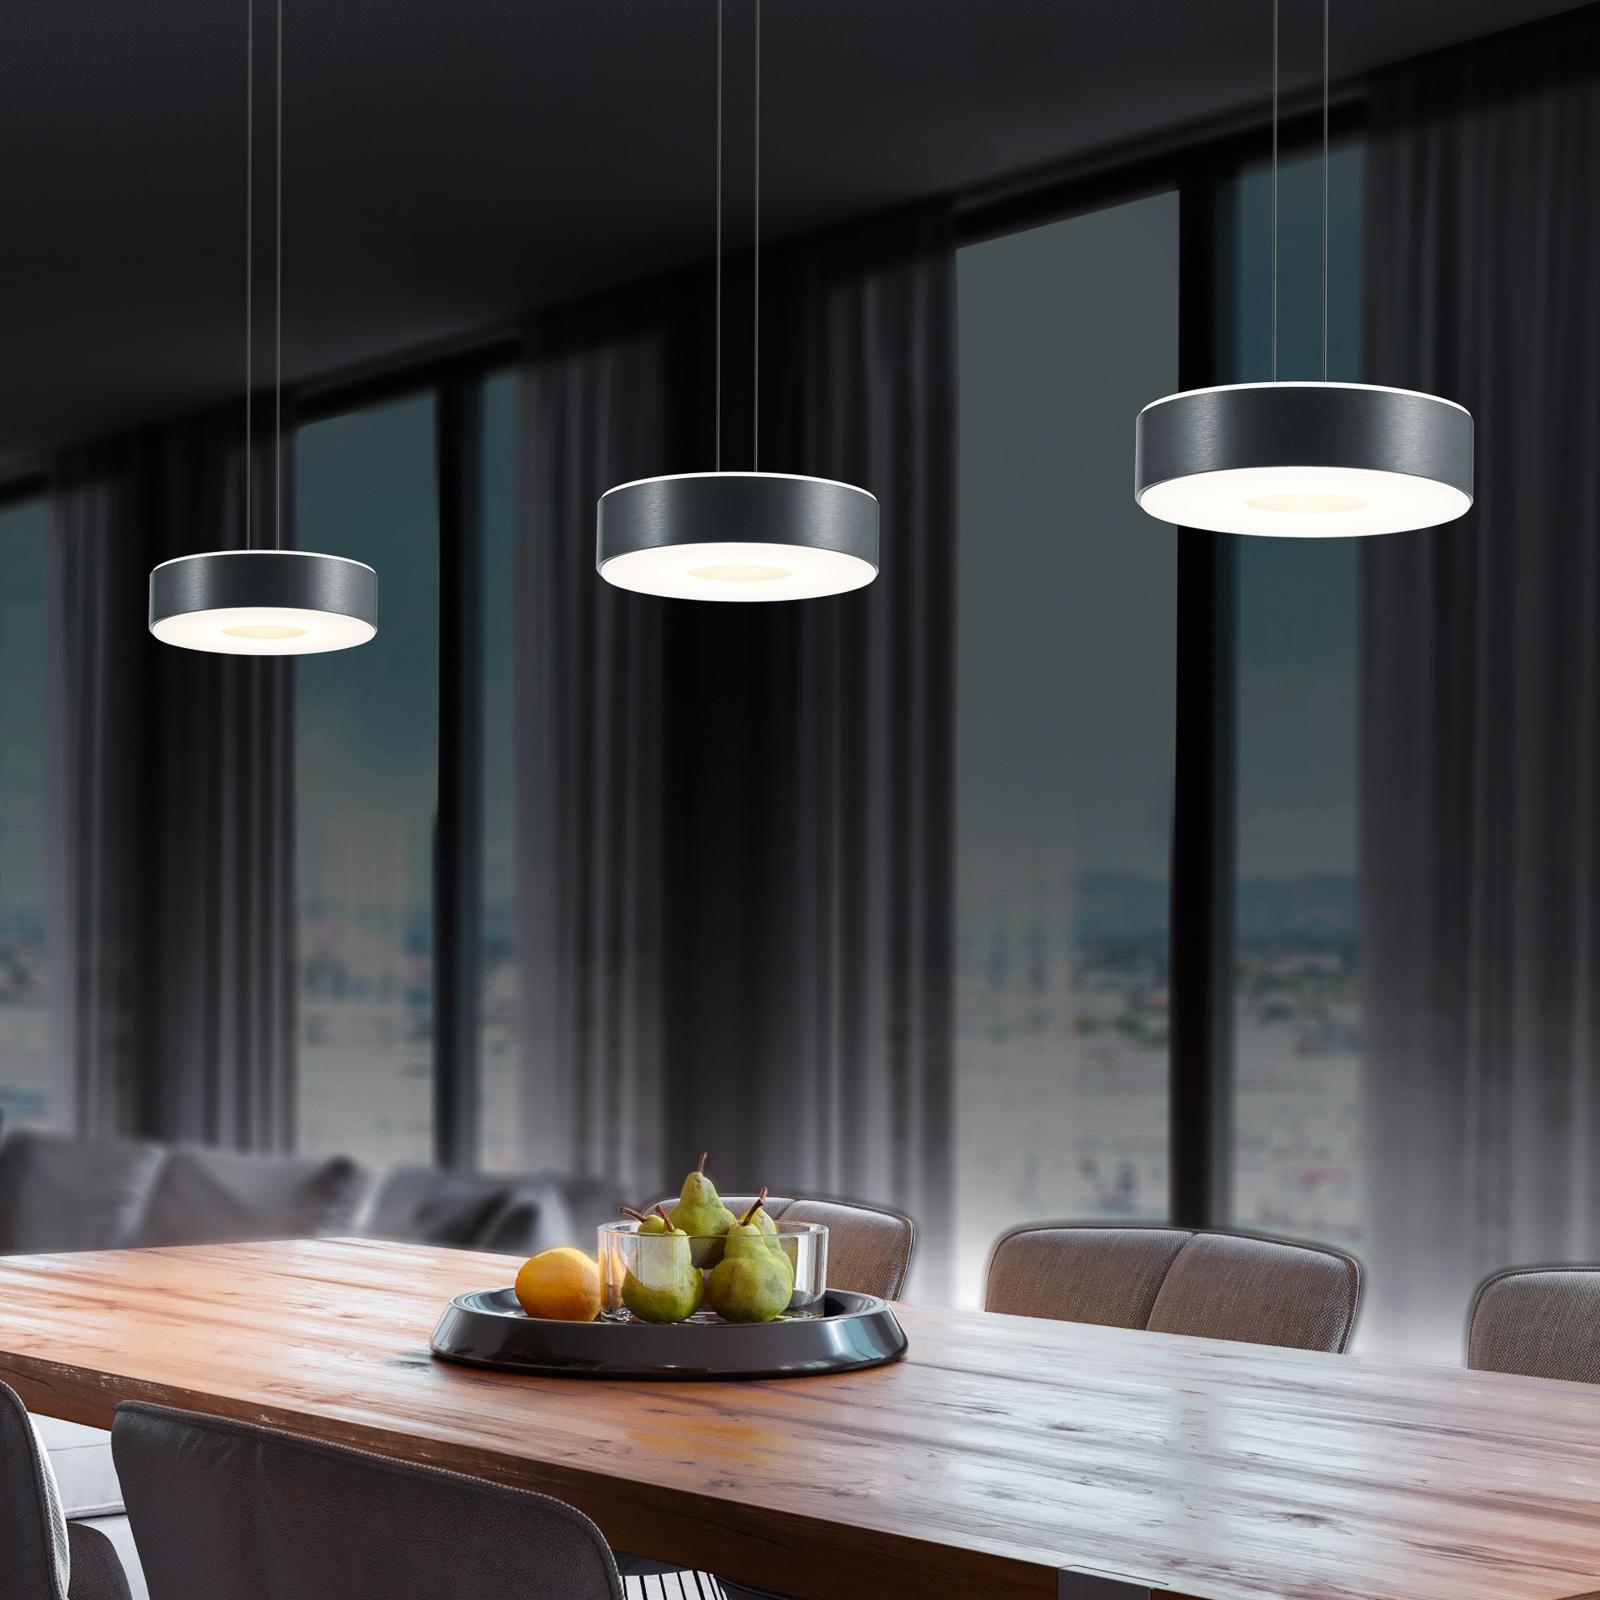 BANKAMP Tondo II hængelampe, 3 lyskilder, antracit